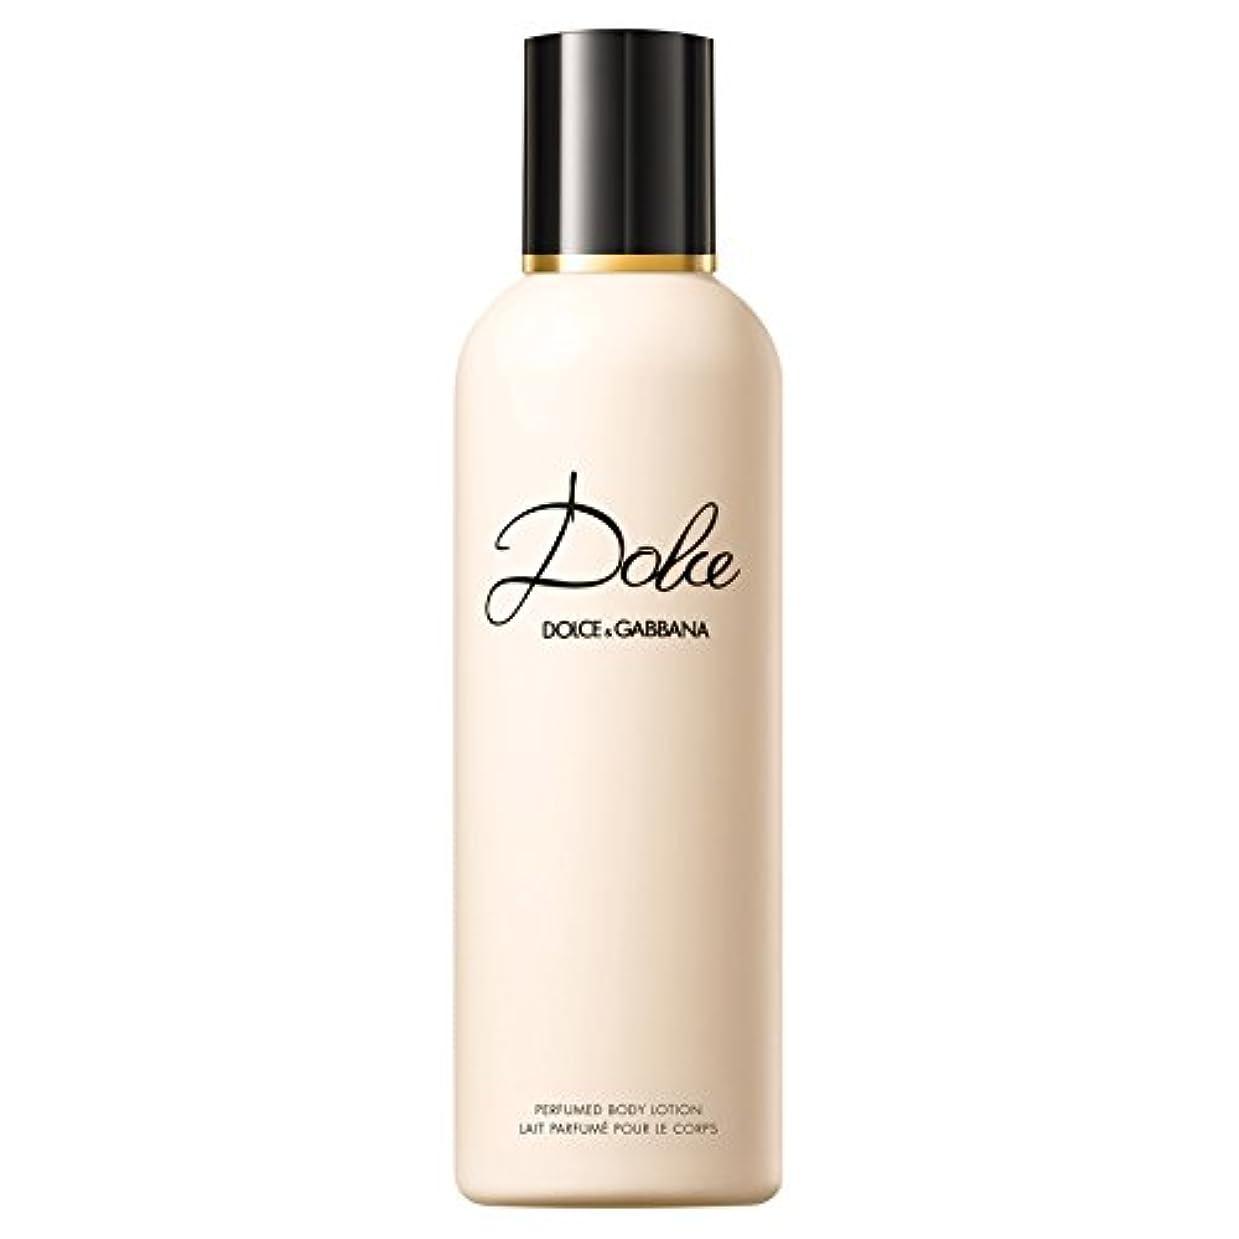 カメラ権利を与える受け入れるドルチェ&ガッバーナドルチェのボディローション200ミリリットル (Dolce & Gabbana) - Dolce & Gabbana Dolce Body Lotion 200ml [並行輸入品]